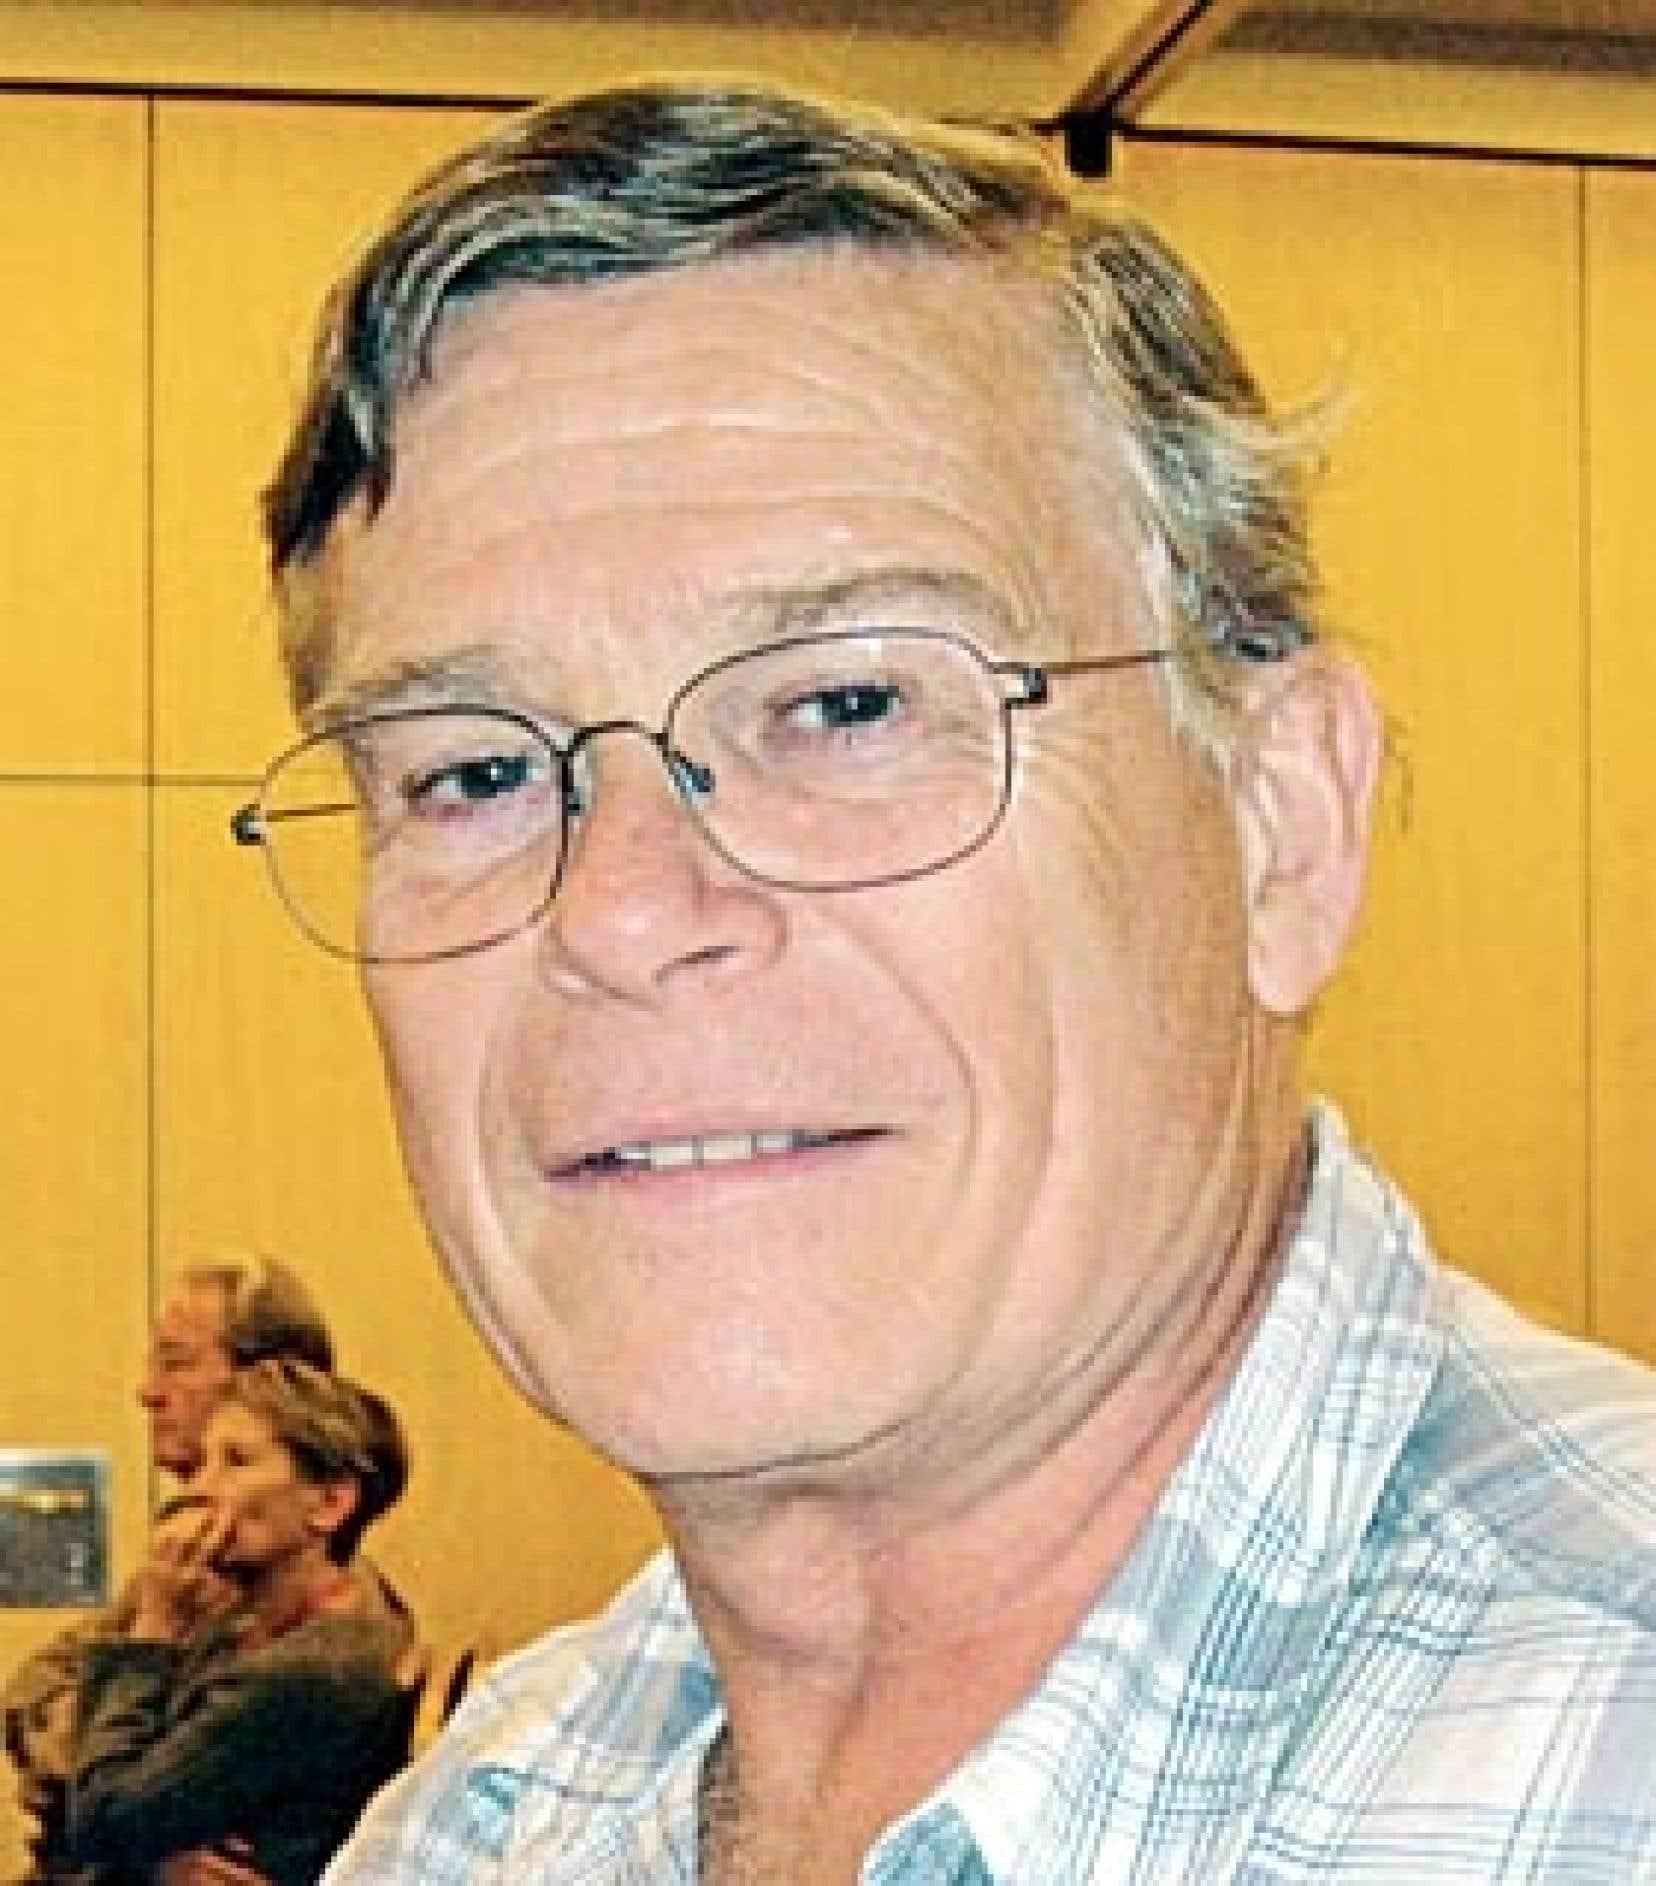 Le Dr Bernard Senet est un des rares médecins à avouer qu'il a aidé des patients à mourir.